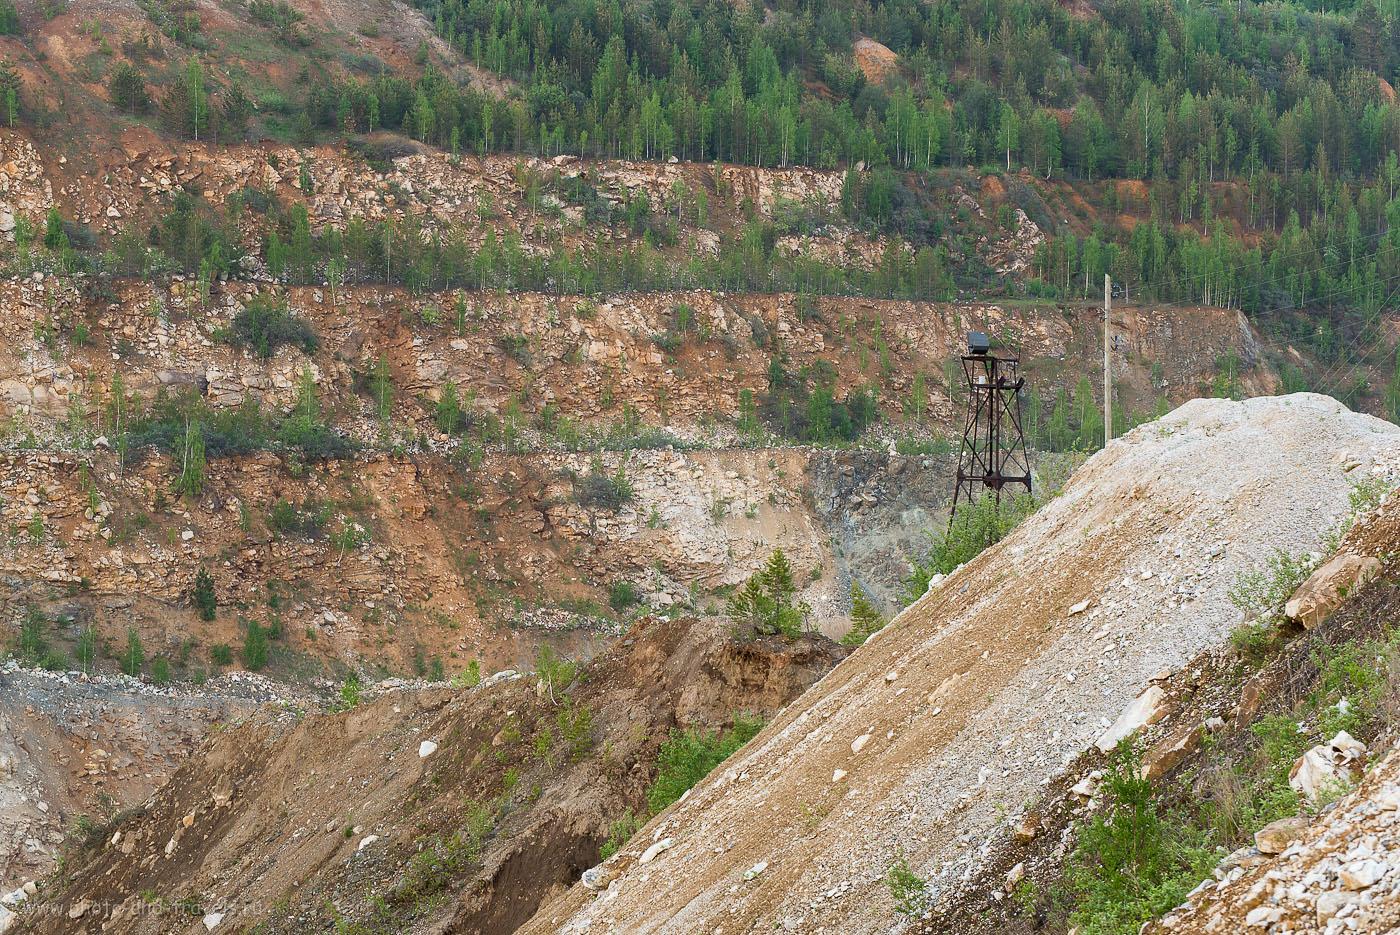 7. Ново-Черемшанский никелевый карьер. Оцените высоту каждой ступени (телевик Никкор 70-300, настройки: 100, 110 мм, 10.0, 0.4 секунды)